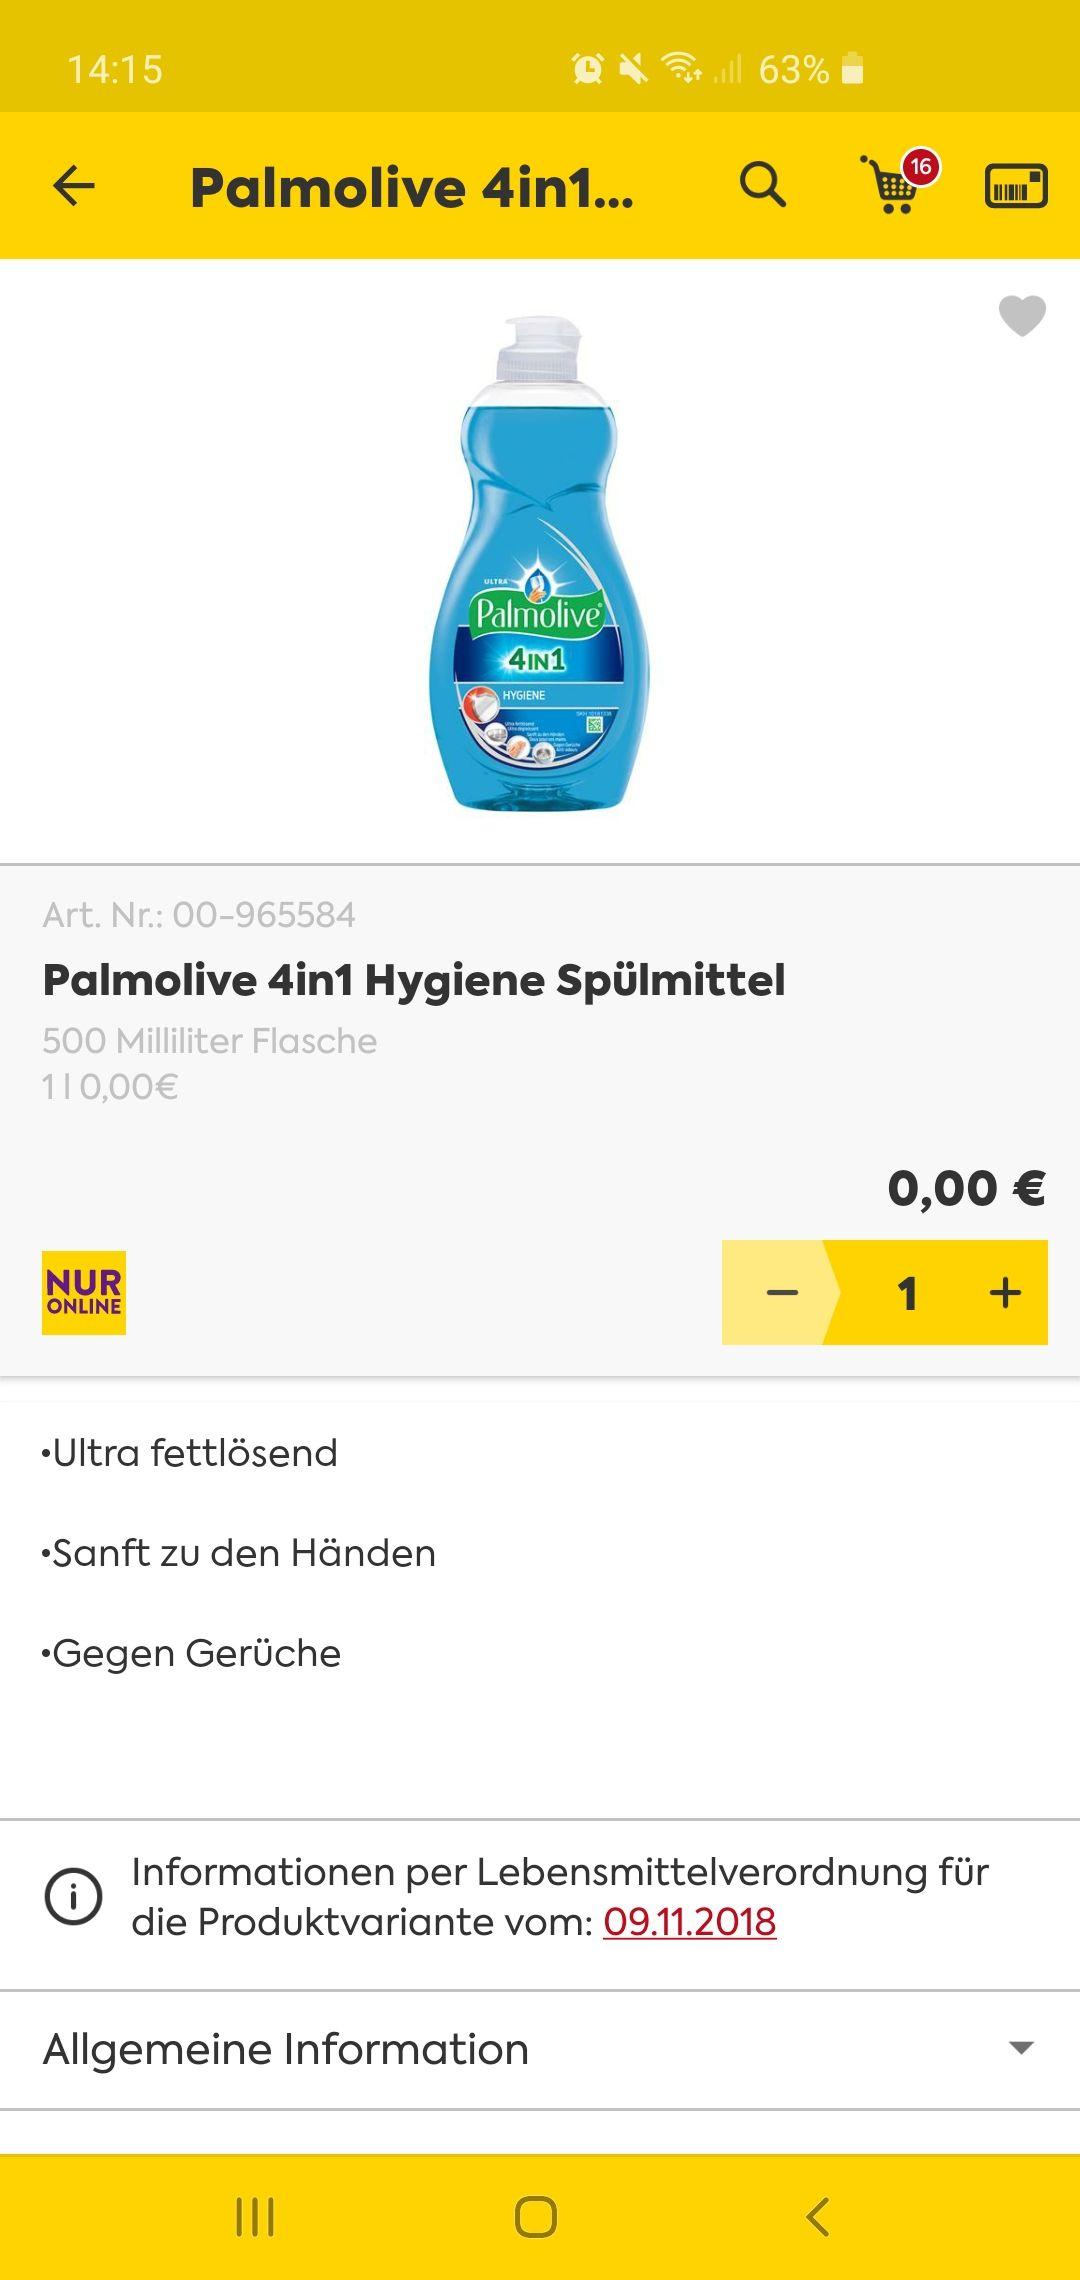 Billa - Palmolive 4in1 Hygiene Spülmittel